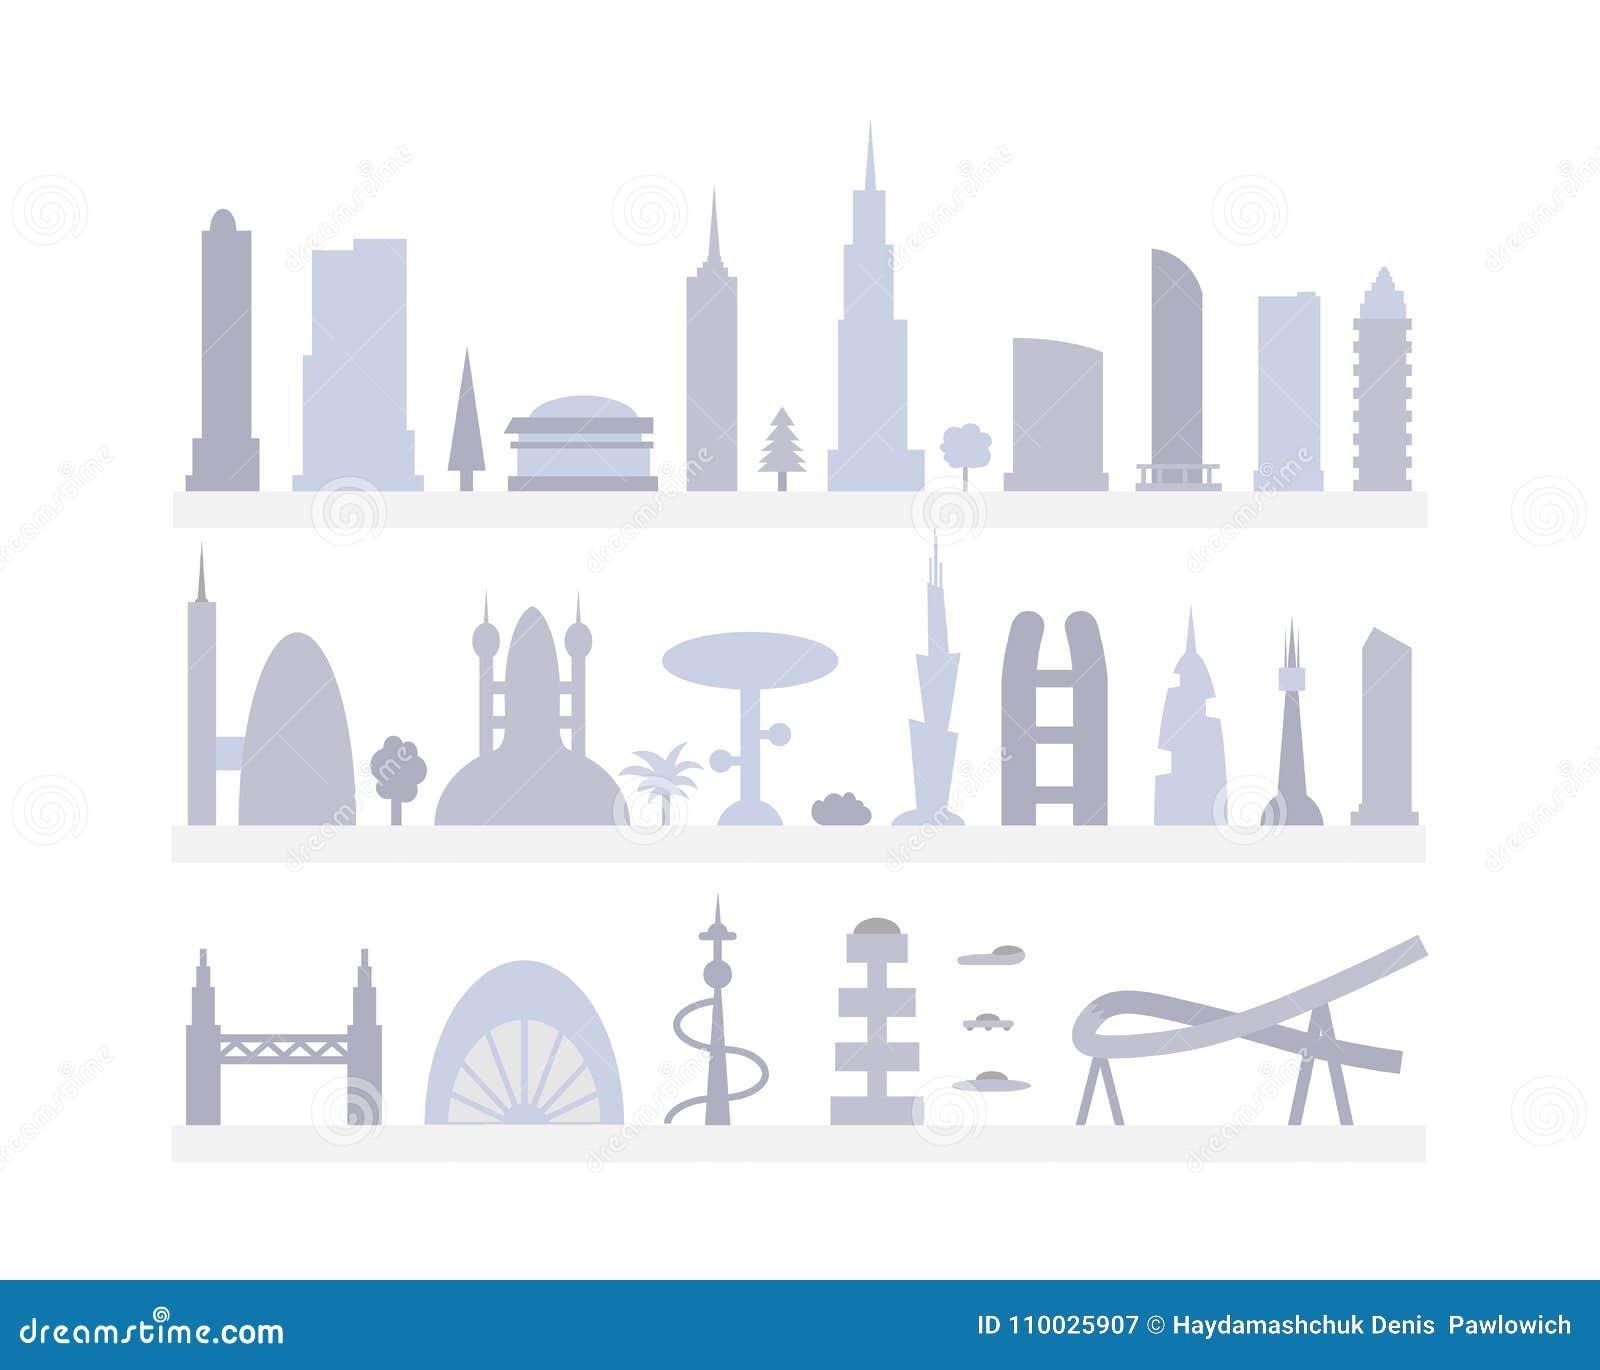 De vastgestelde silhouetten van stadsgebouwen cityscape voortaan De moderne vectorillustratie van stadselementen